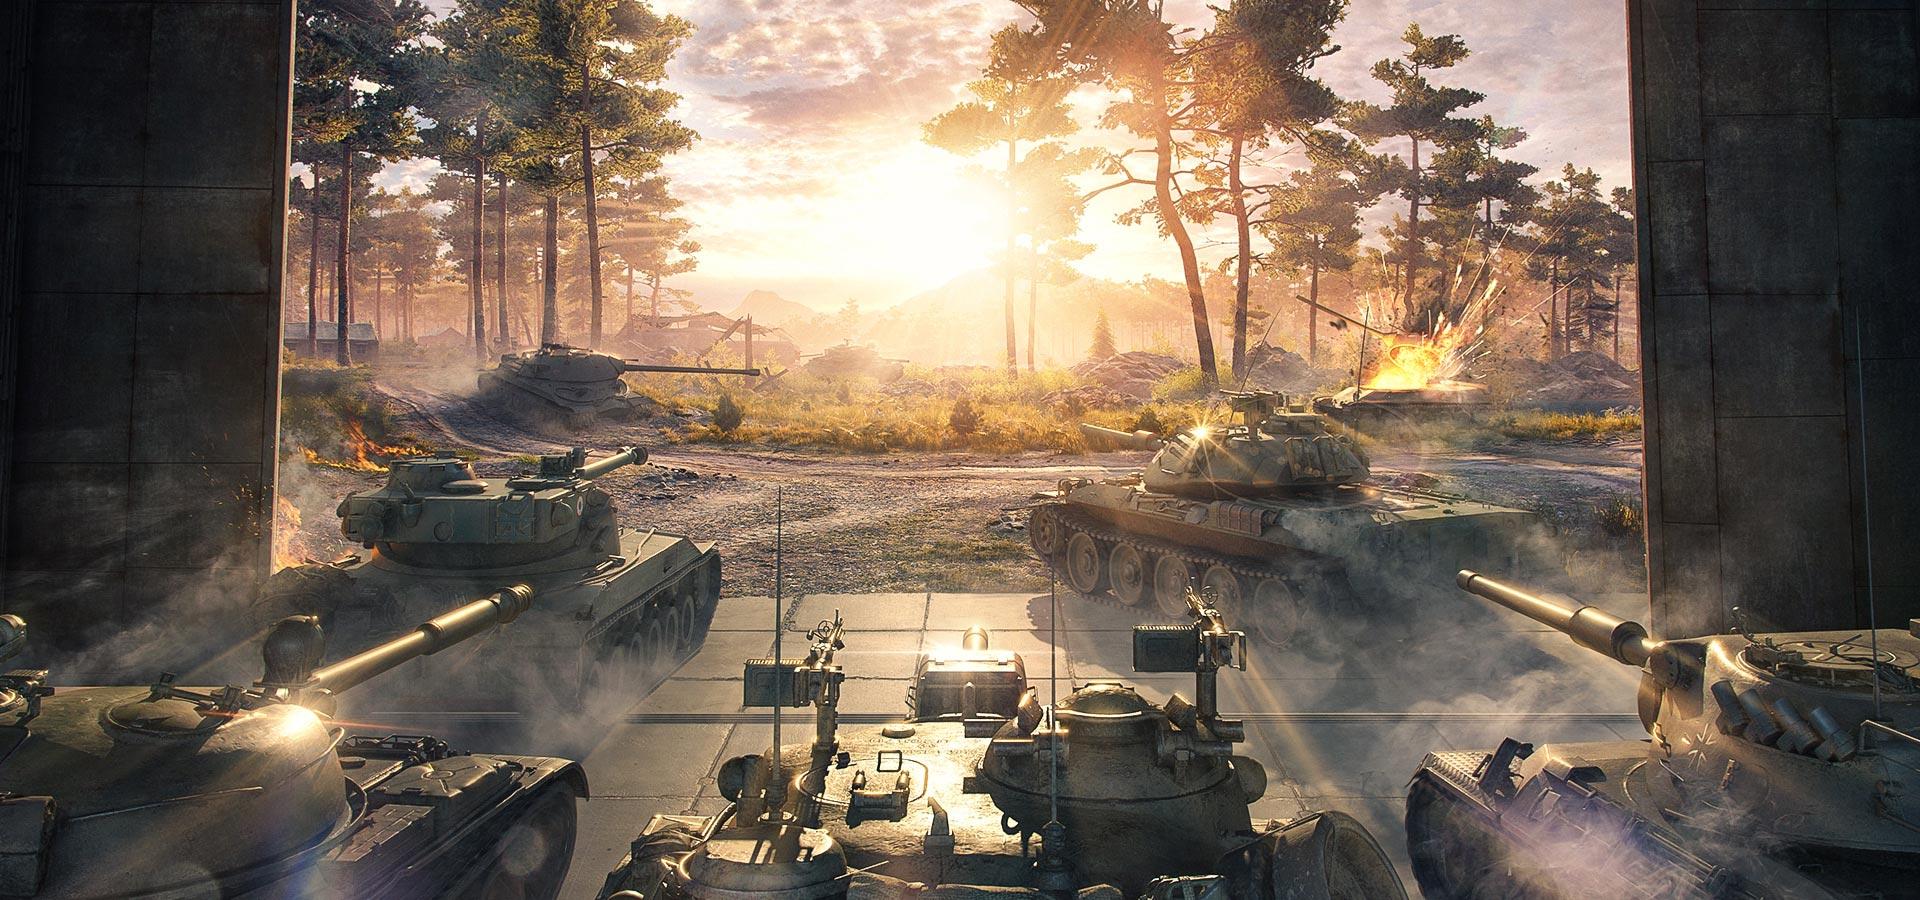 Топ 5 лучших танков 10 уровня в World of Tanks в 2019 году